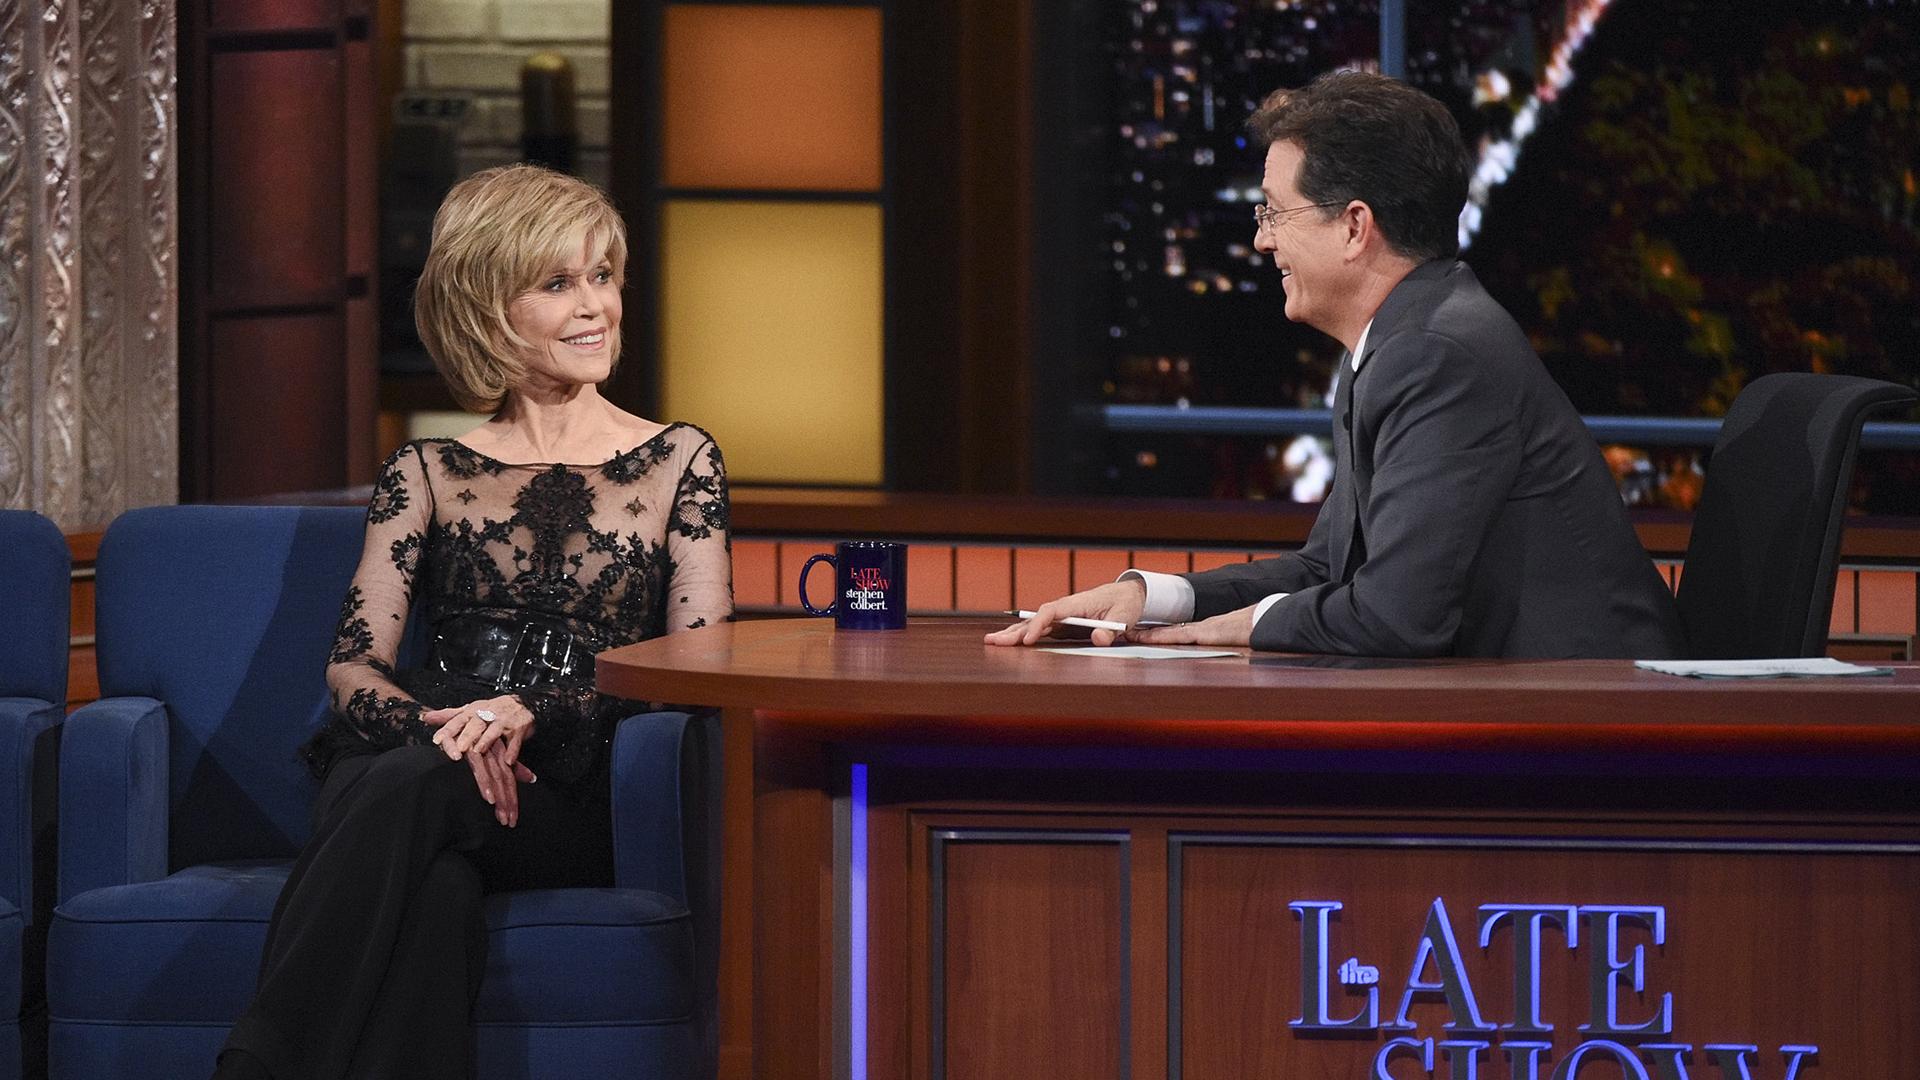 Jane Fonda and Stephen Colbert